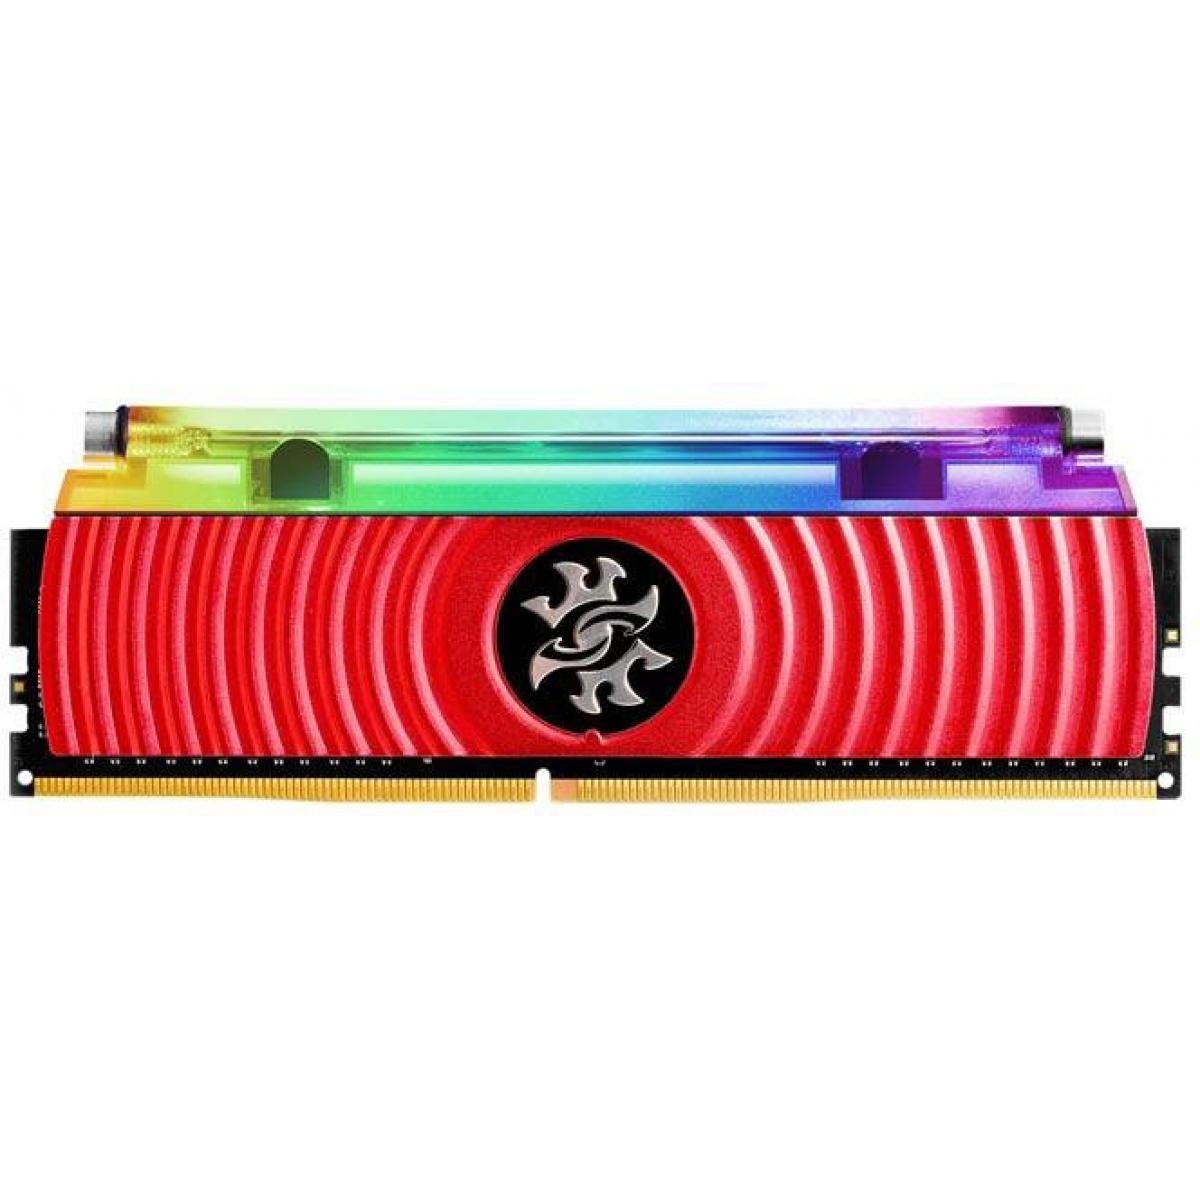 Memória DDR4 XPG Spectrix D80 RGB, 8GB 3000Mhz, AX4U300038G16-SR80